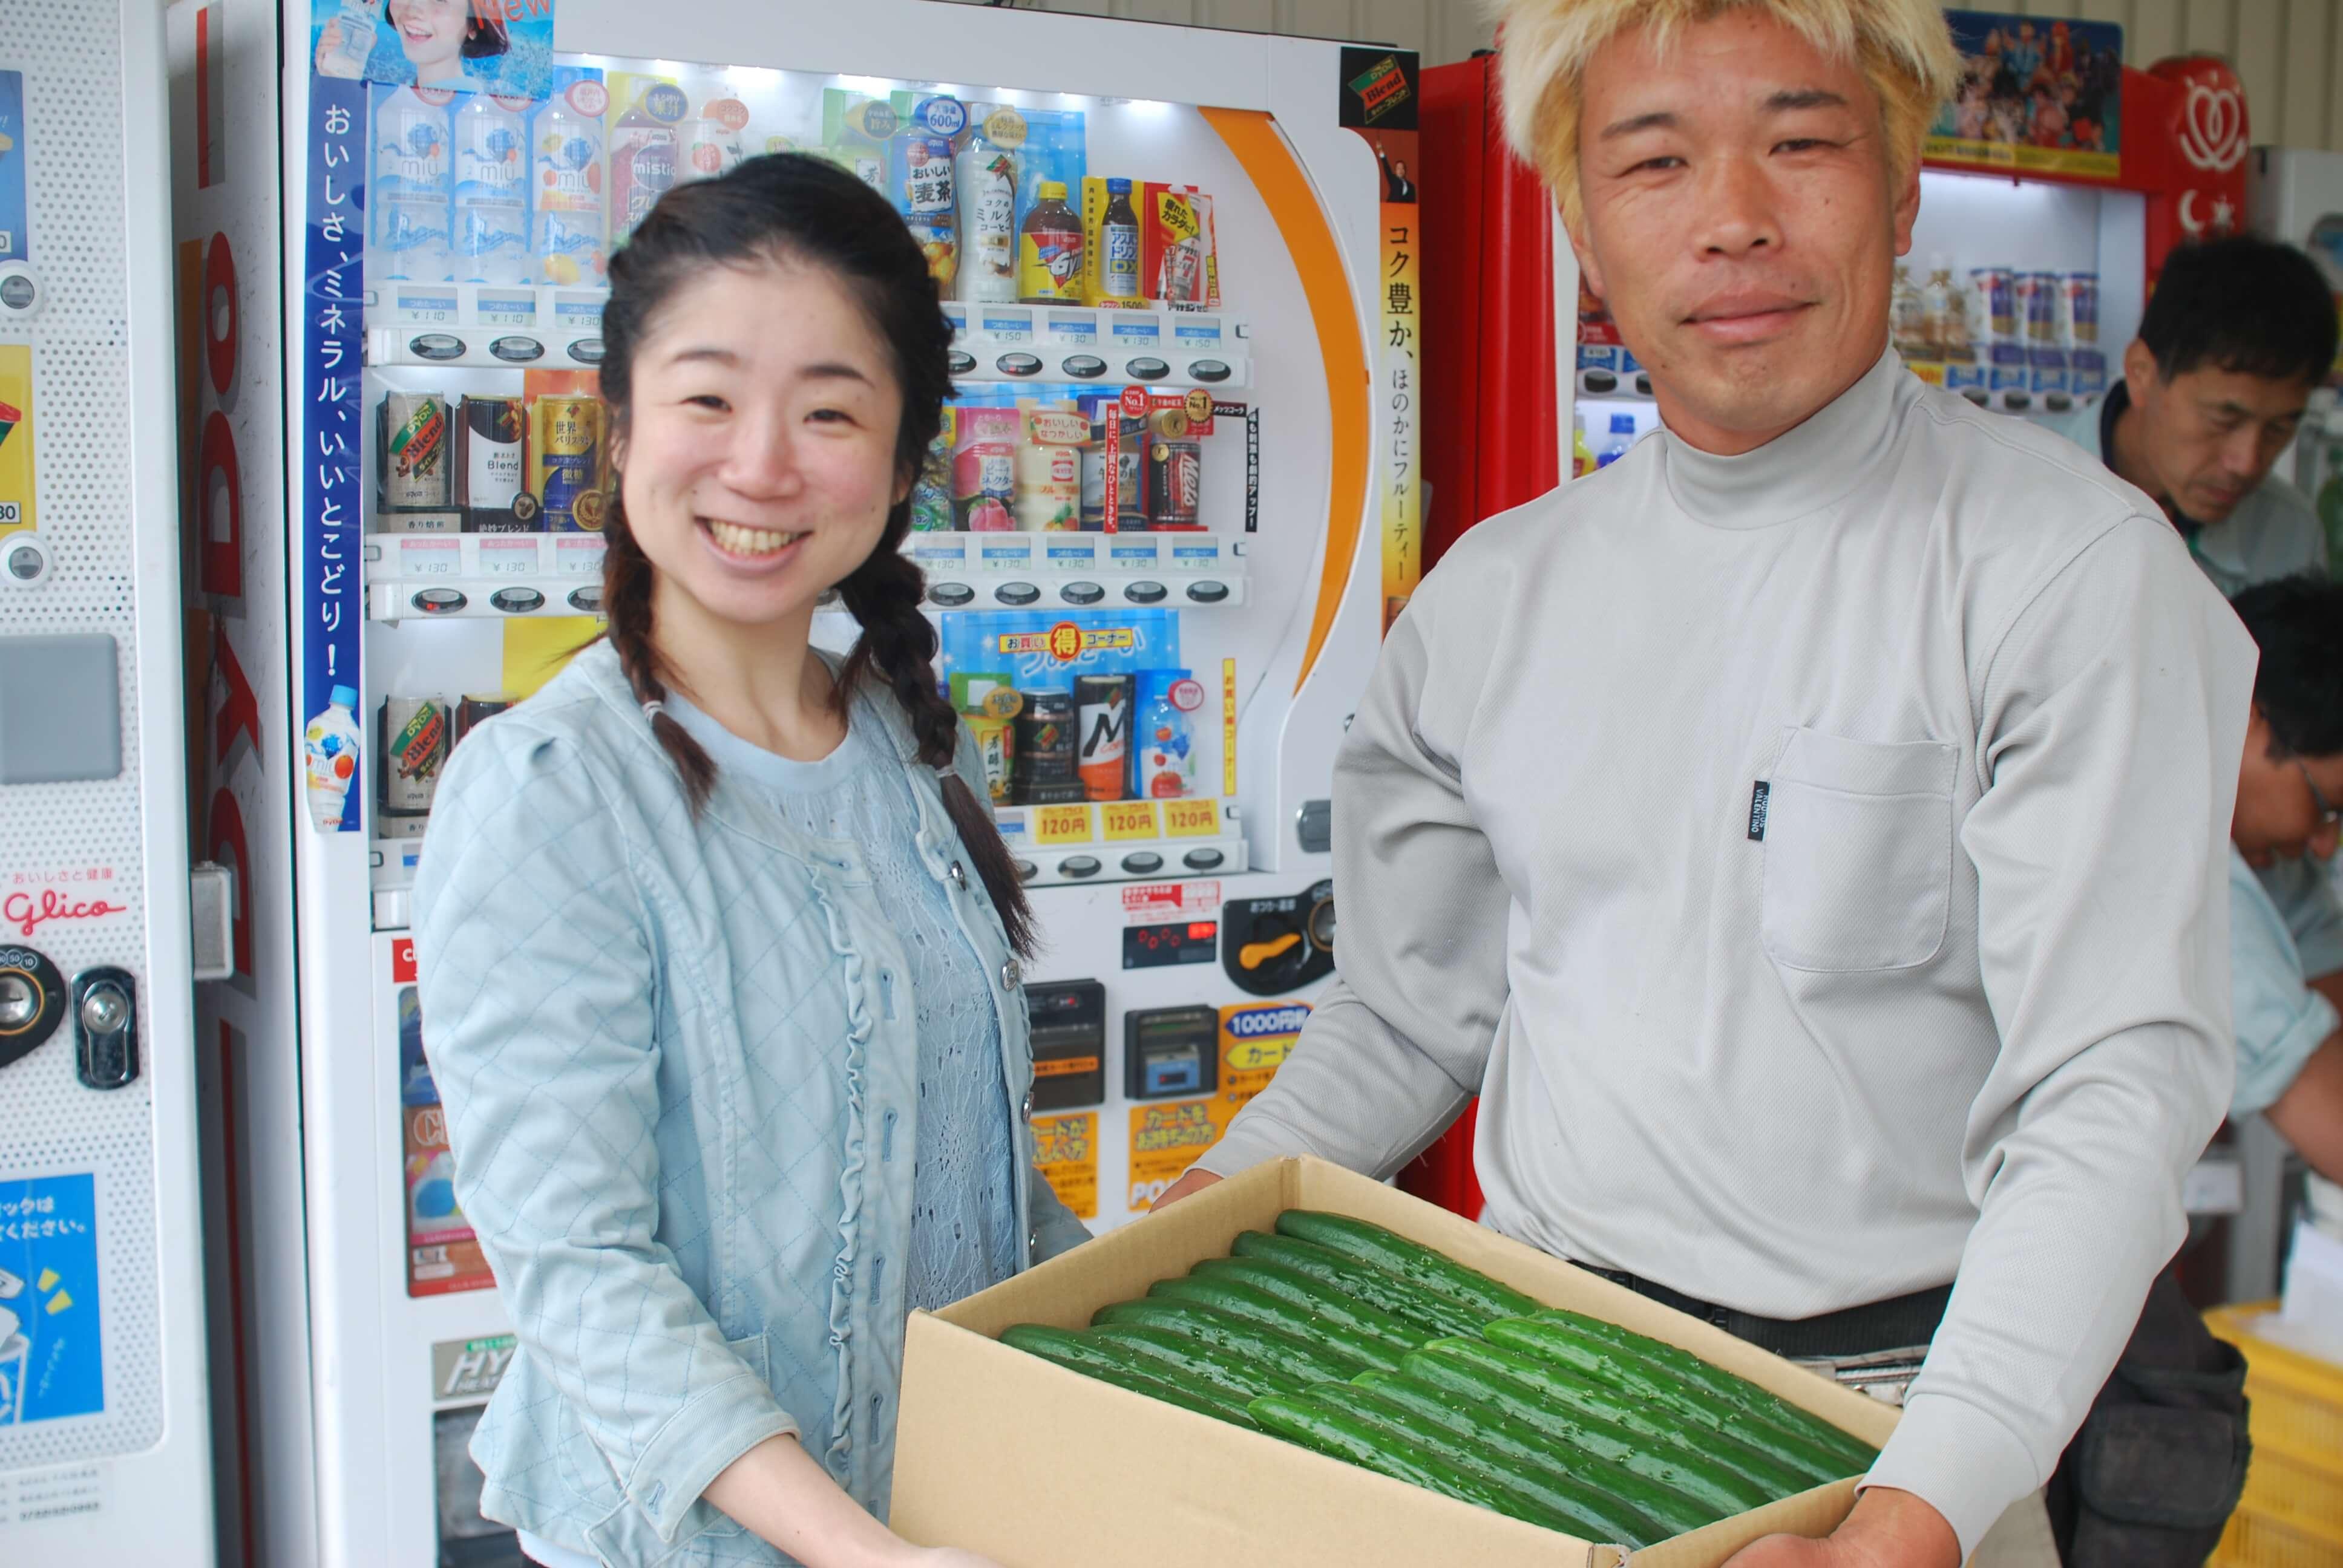 写真左:筆者本人 写真右:きゅうり農家・浅岡敬勝氏